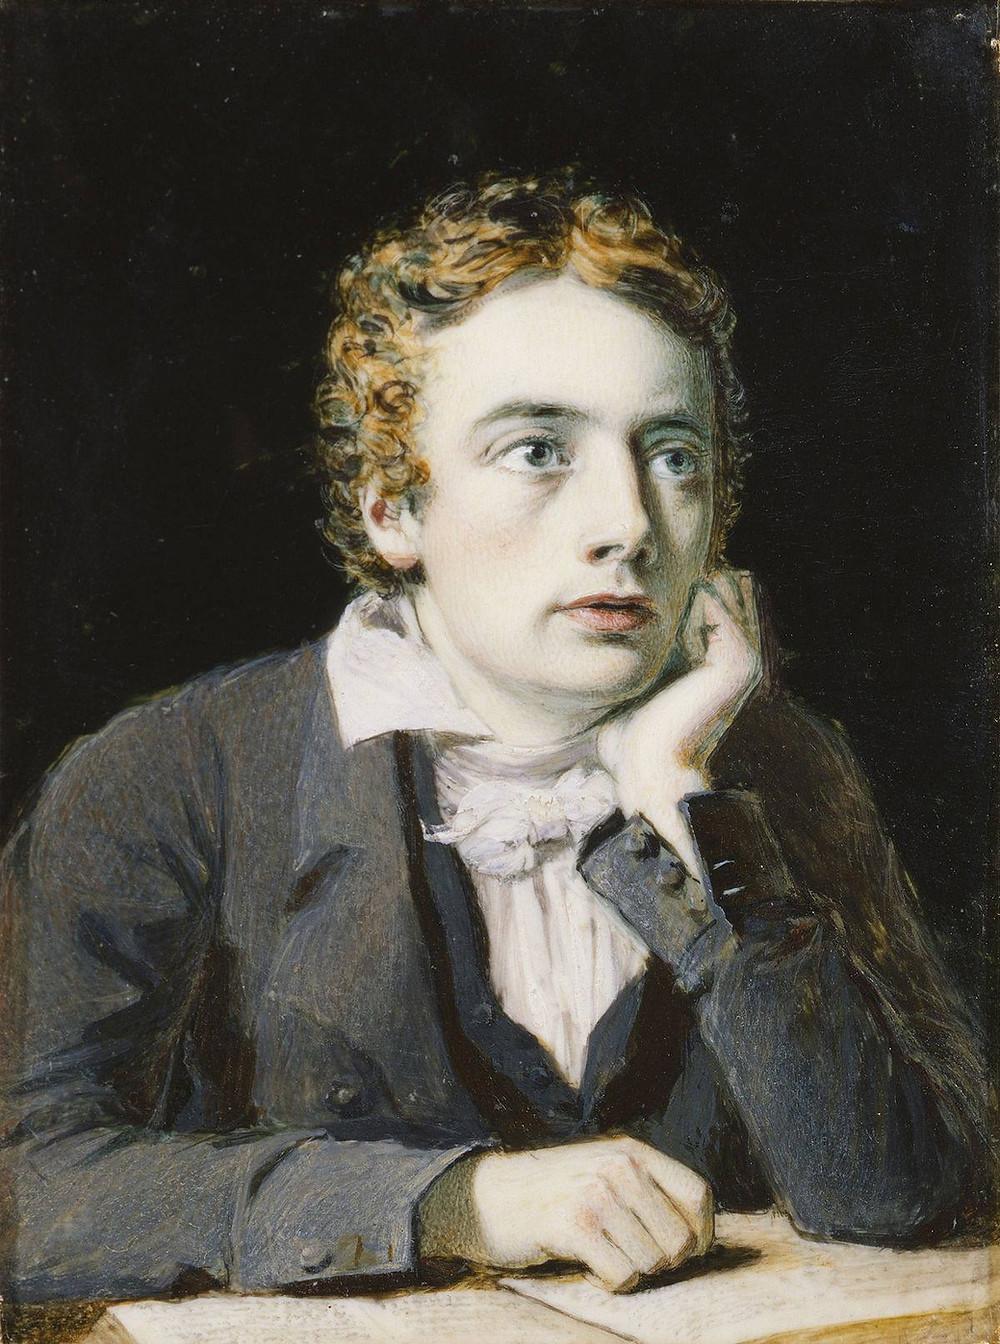 Portrait of John Keats by Joseph Severn, 1819